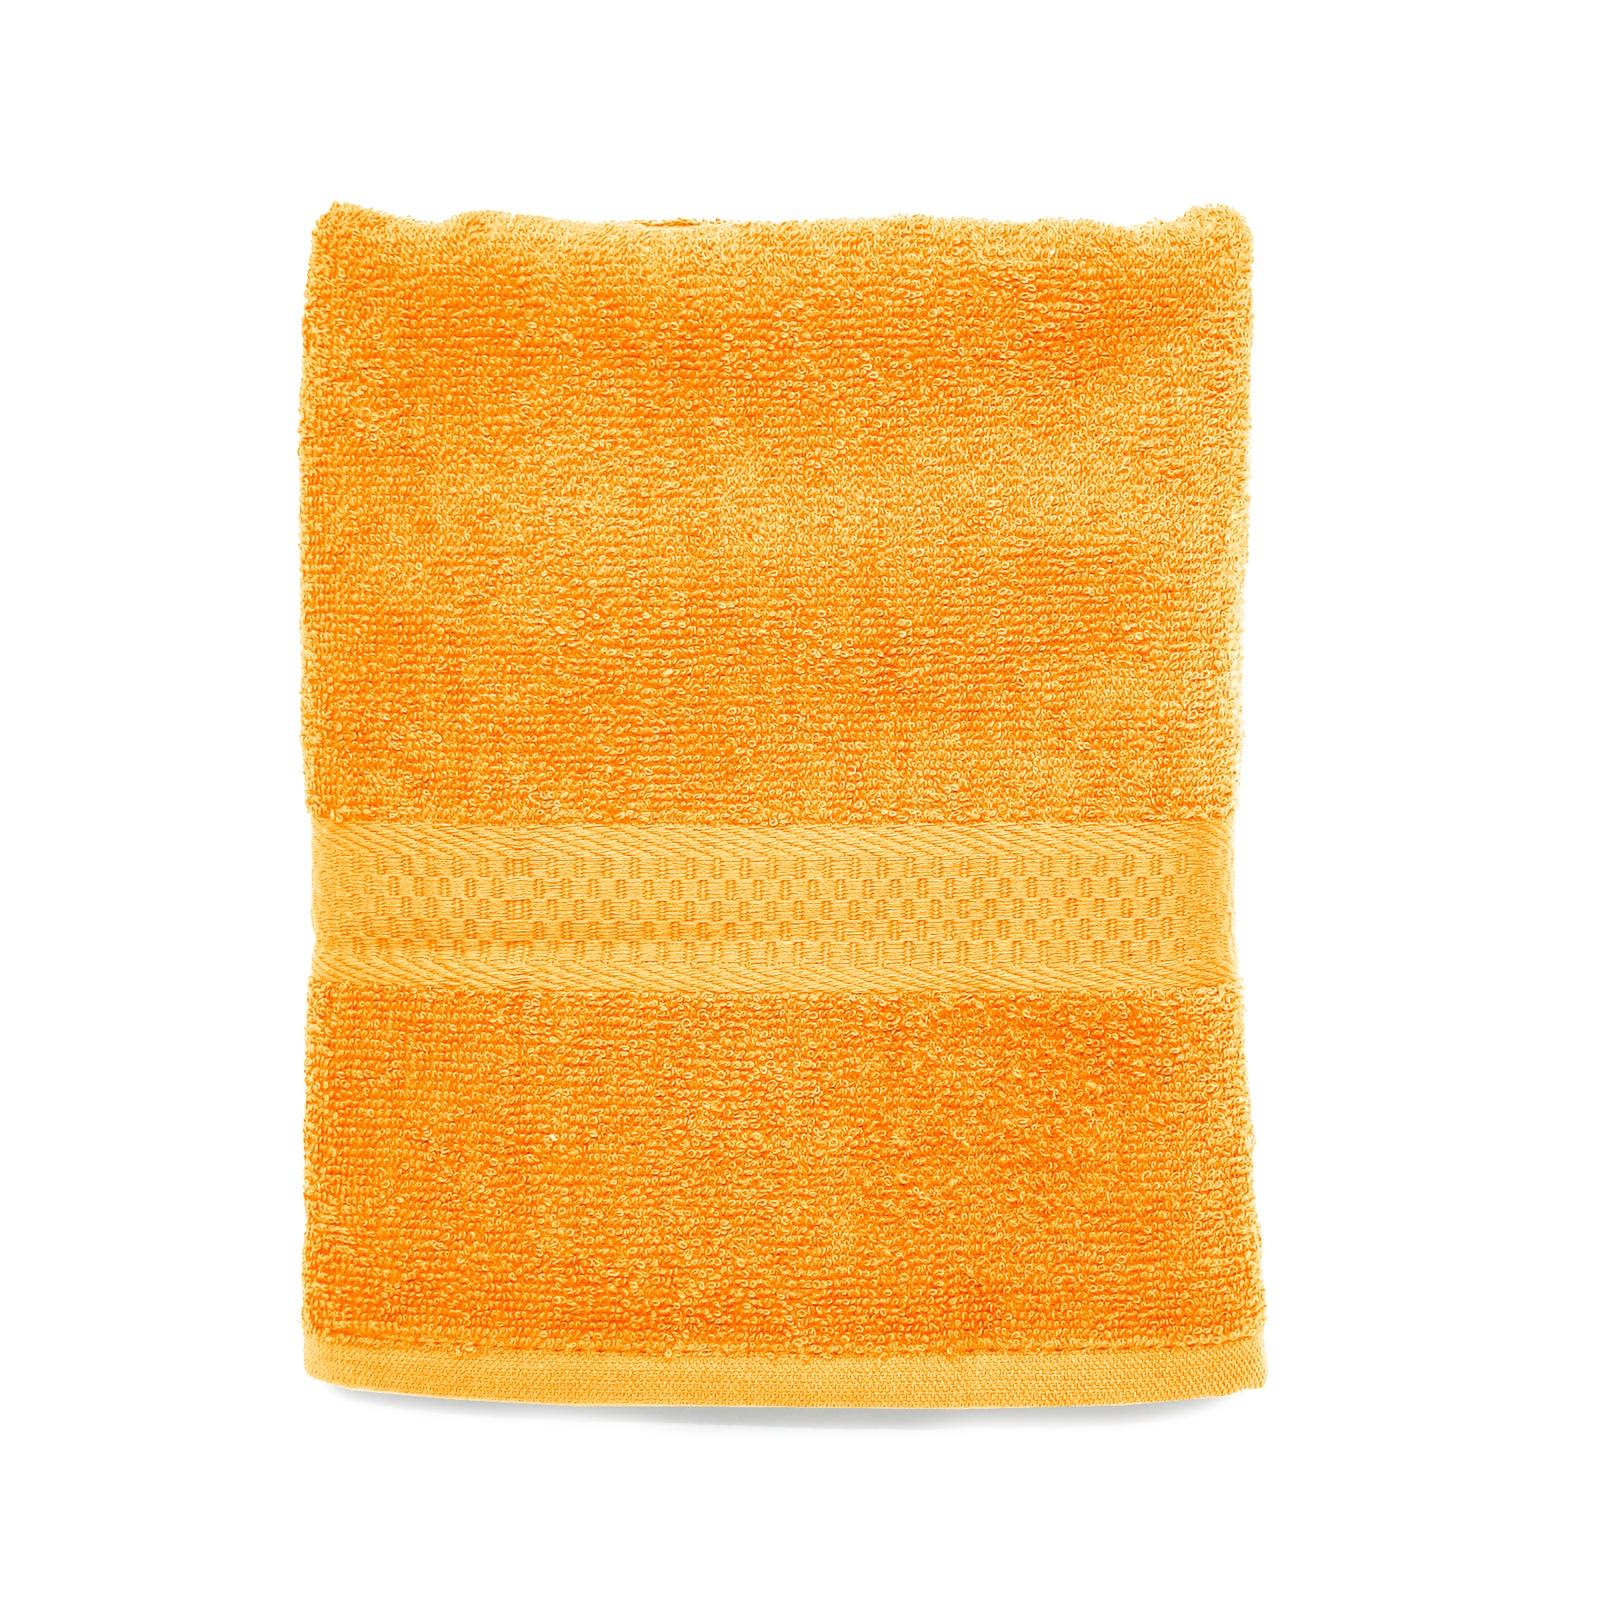 Полотенце банное Spany махровое, 21311318193, оранжевый, 130х70 см крестильная одежда alivia kids крестильное полотенце с крестом 130х70 12 701